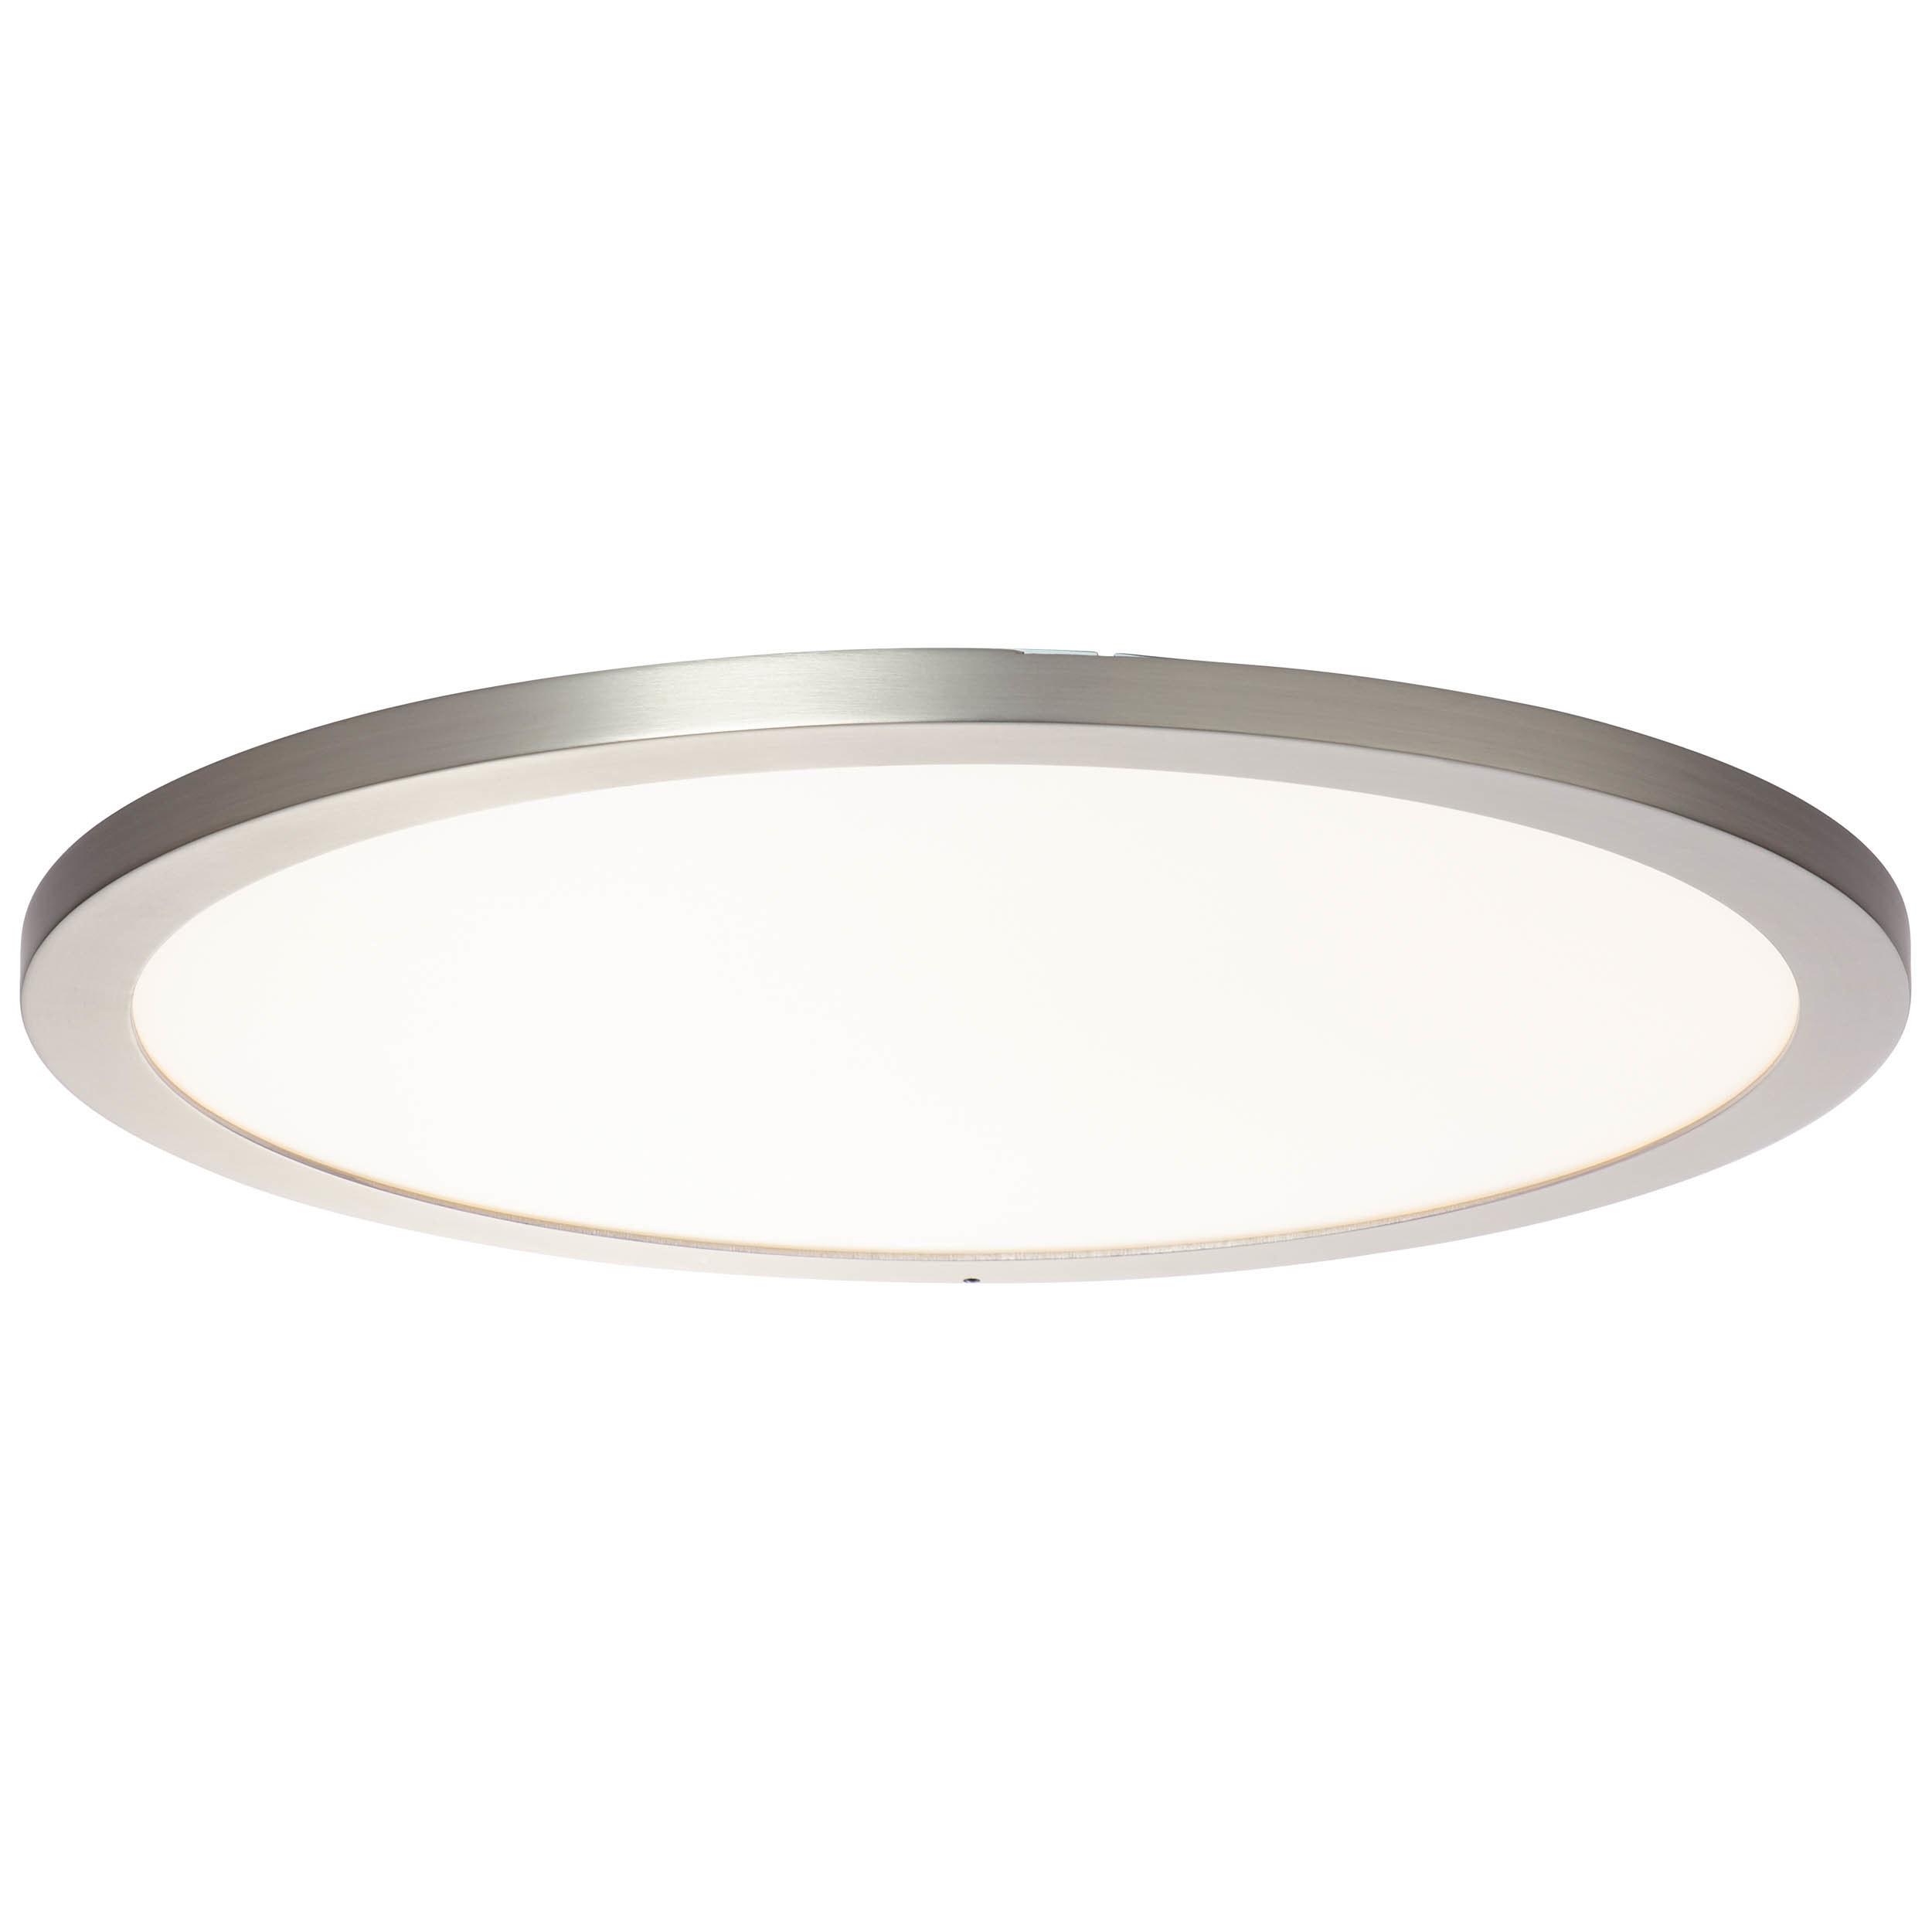 Brilliant Leuchten Smooth WiZ LED Deckenaufbau-Paneel 50cm nickel eloxiert